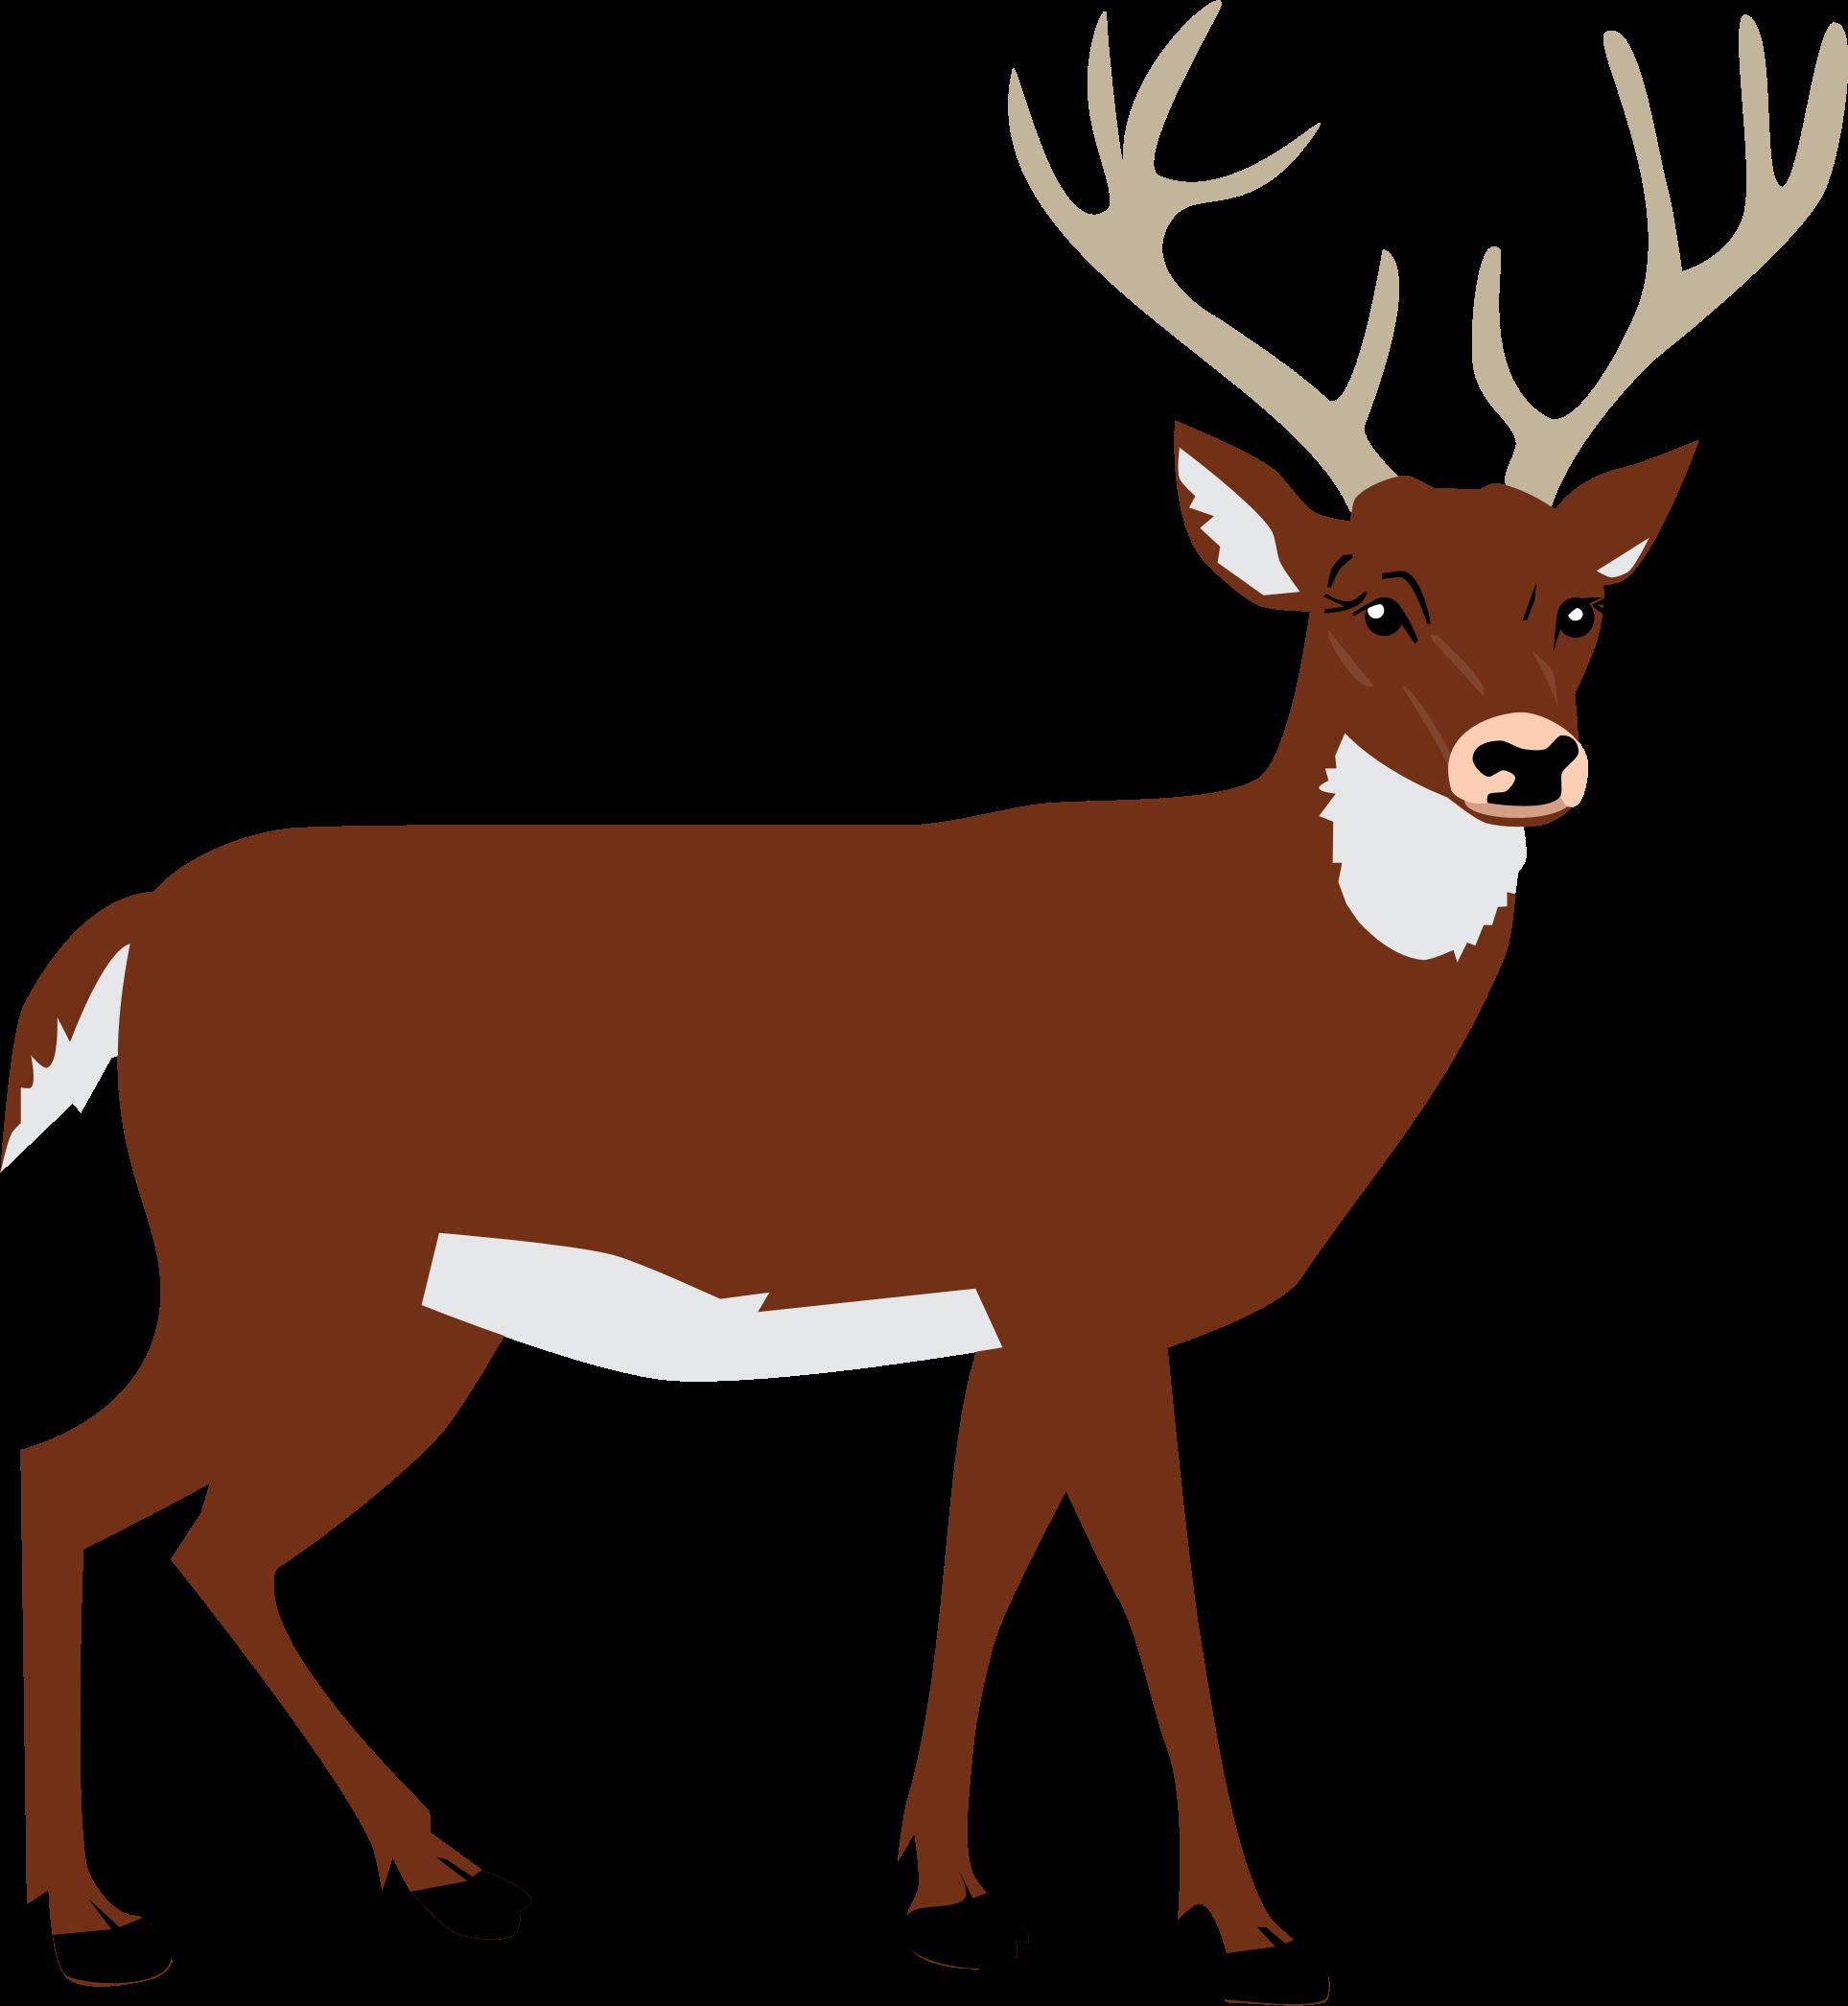 clipart male deer rh openclipart org clip art deer pics clip art deer silhouette